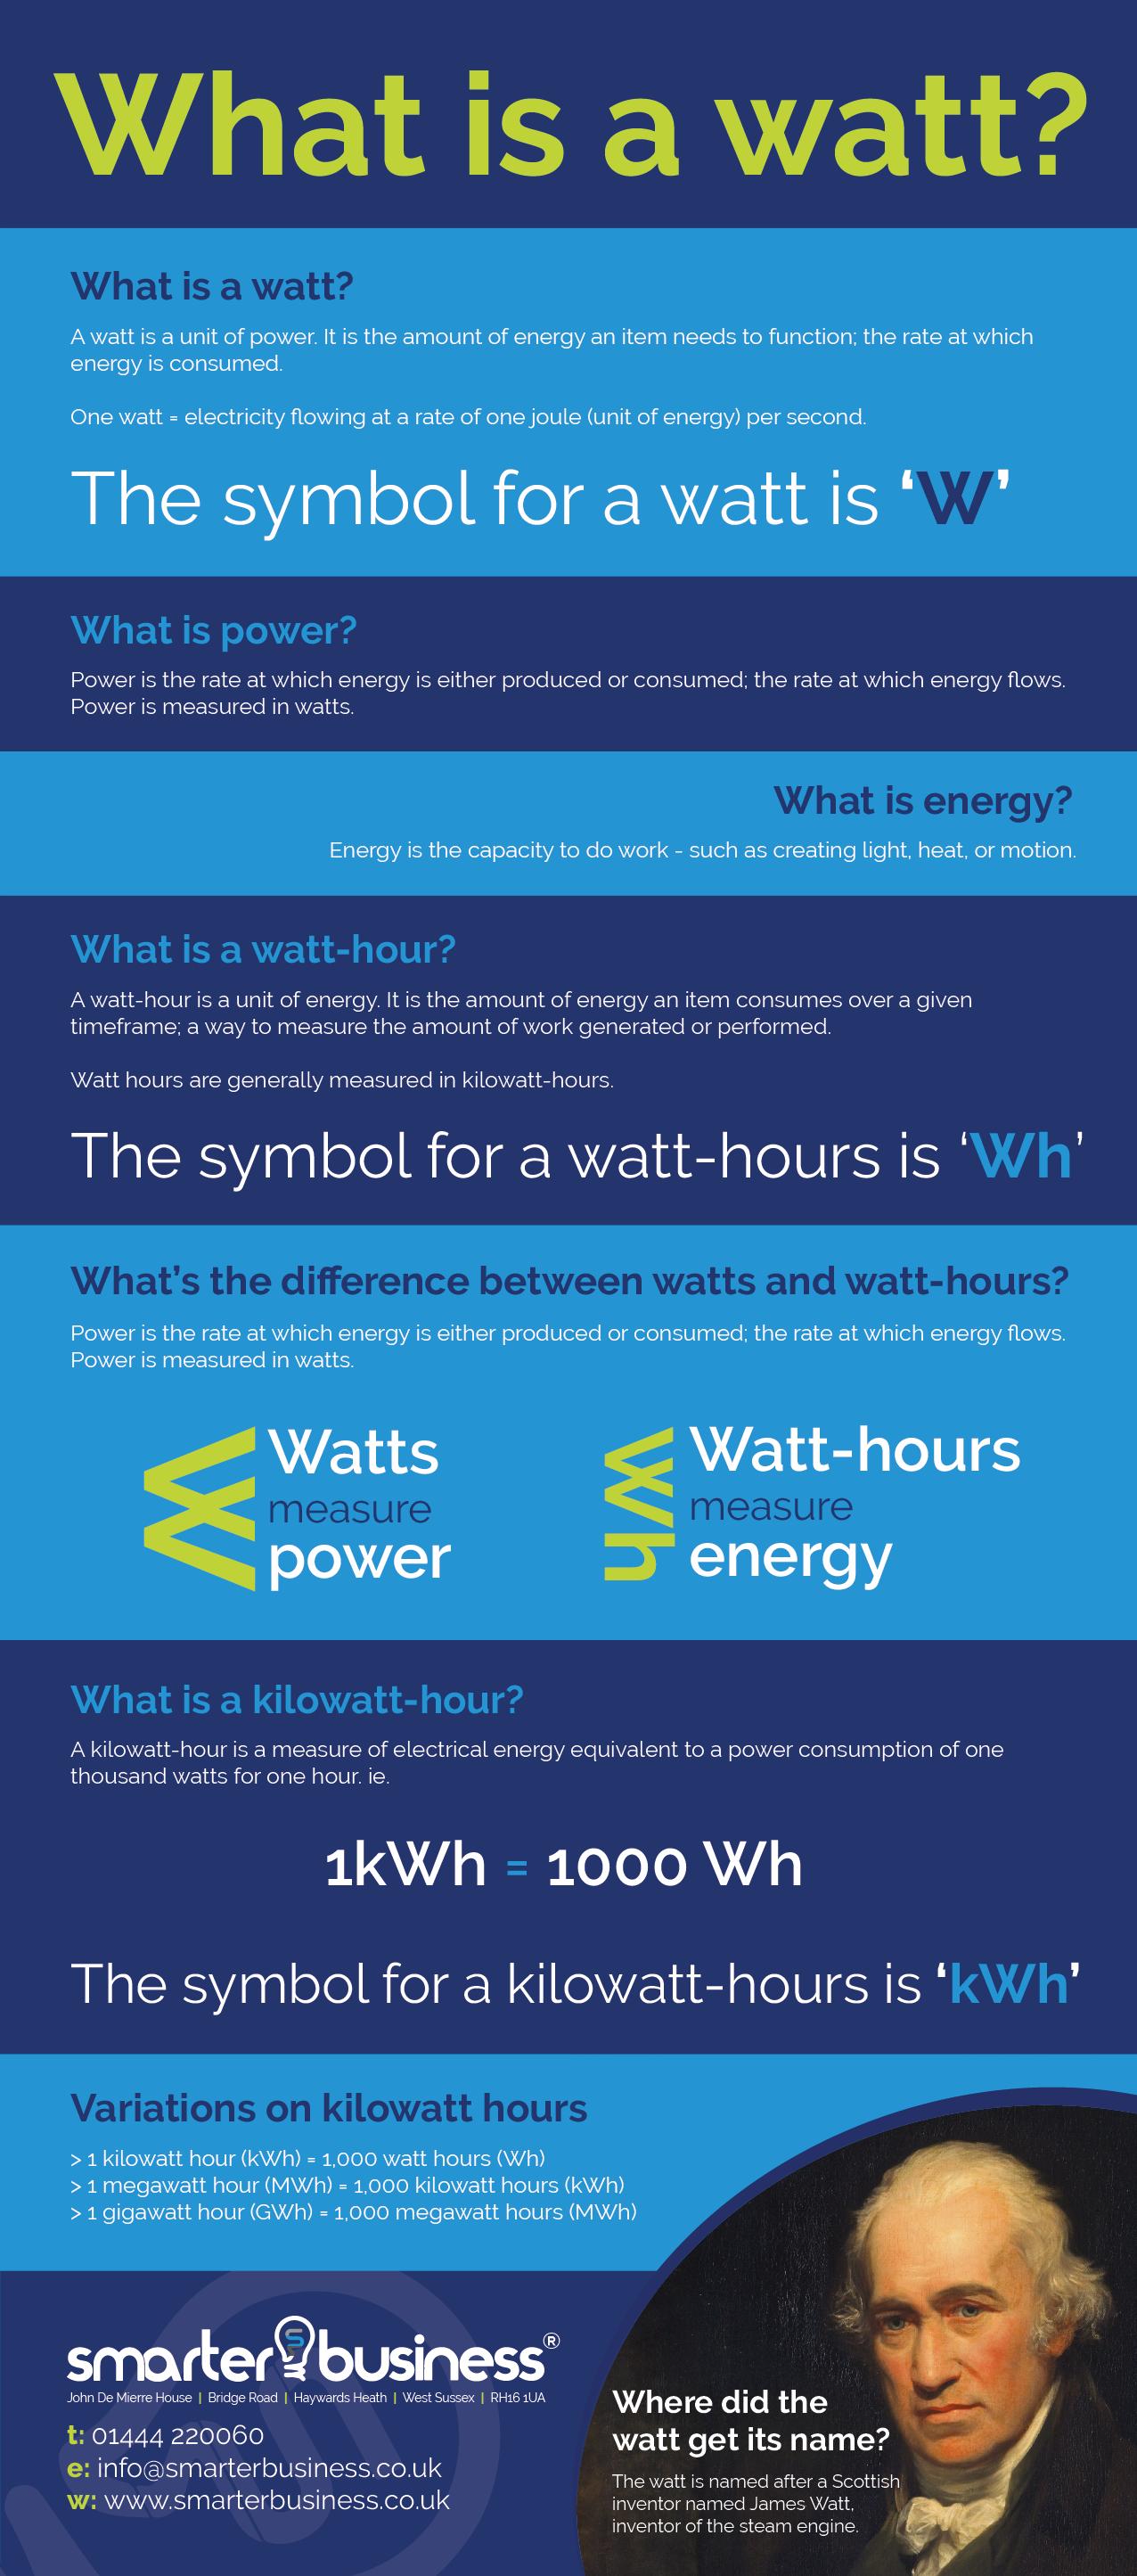 what is a watt?